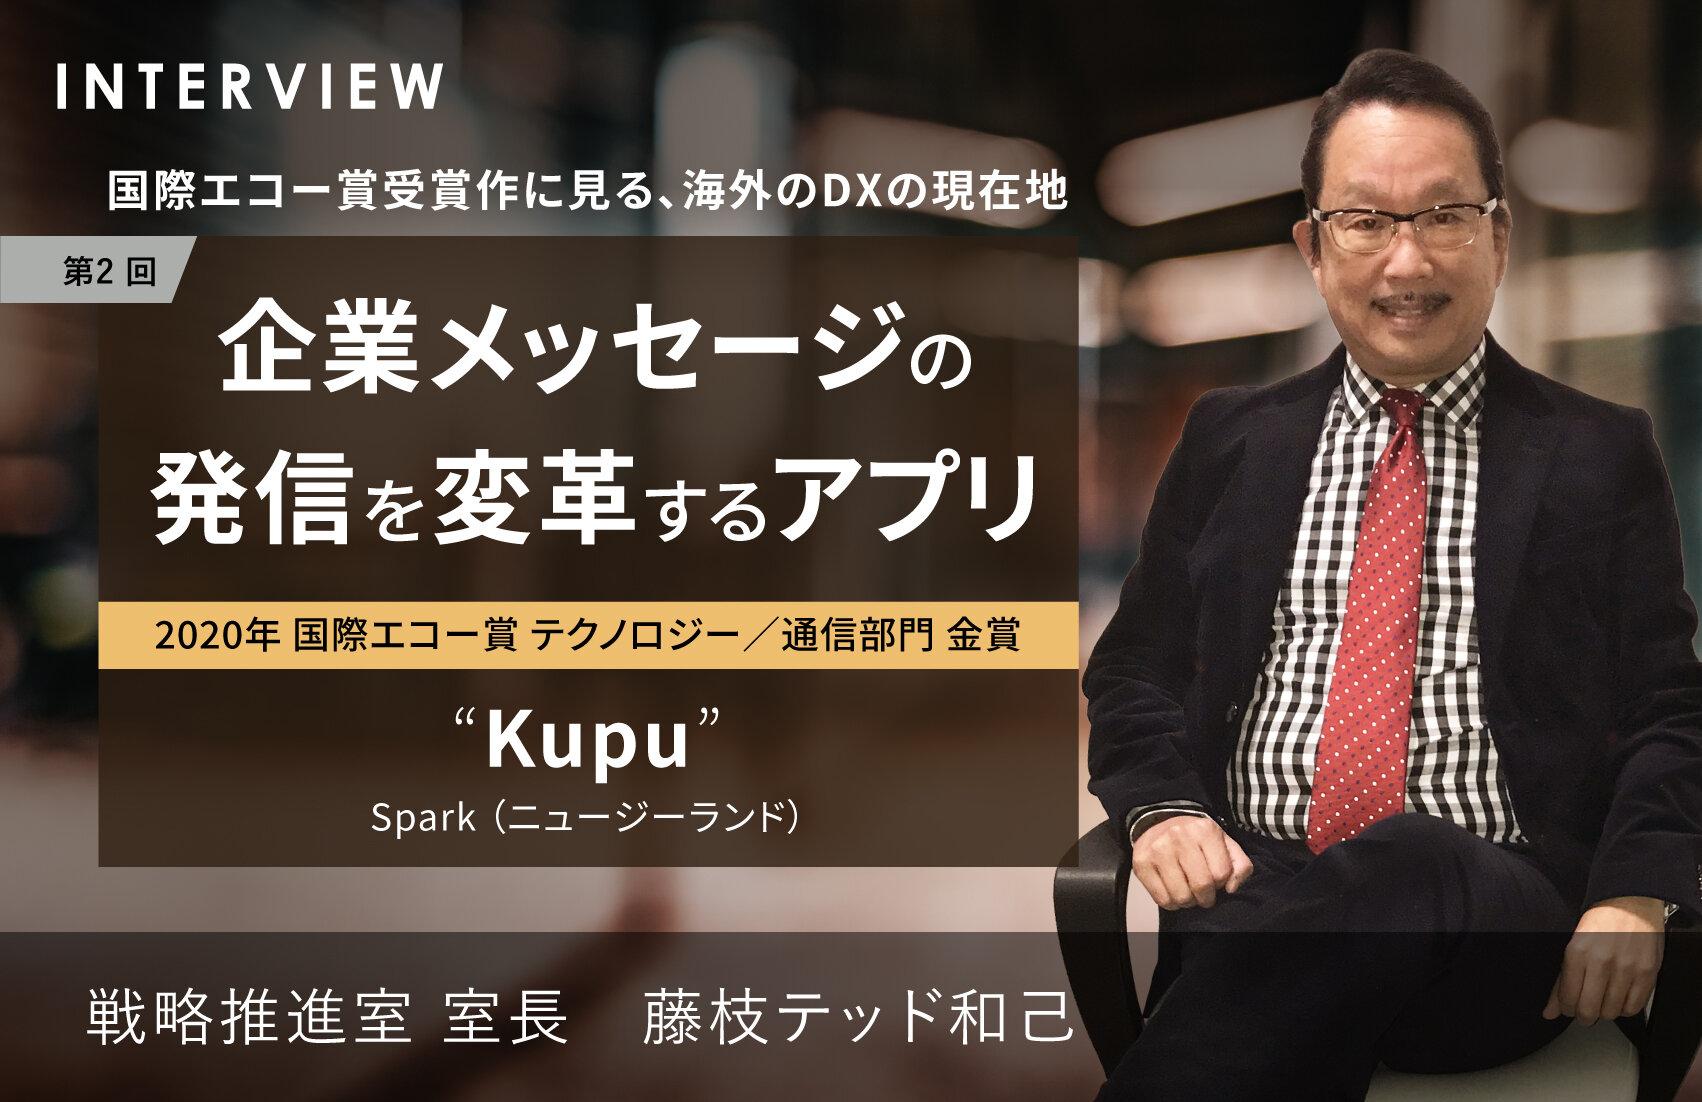 【第2回】国際エコー賞受賞作に見る、海外のDXの現在地 企業メッセージの発信を変革するアプリ 2020年 国際エコー賞 テクノロジー/通信部門 金賞「Kupu」/Spark(ニュージーランド)